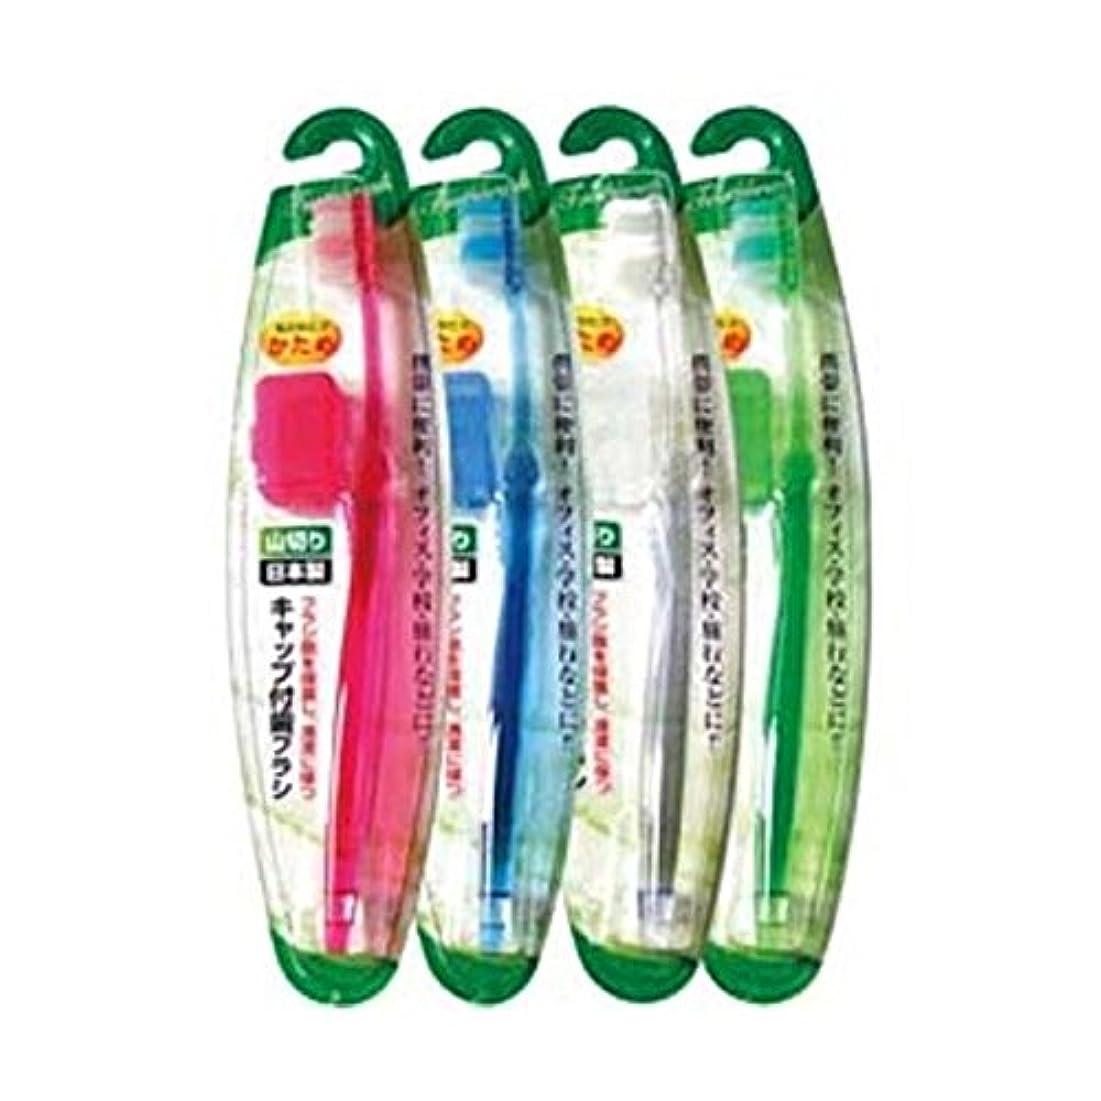 バーターグレートオーク単語健康用品 キャップ付歯ブラシ山切りカット(かため)日本製 【12個セット】 41-210